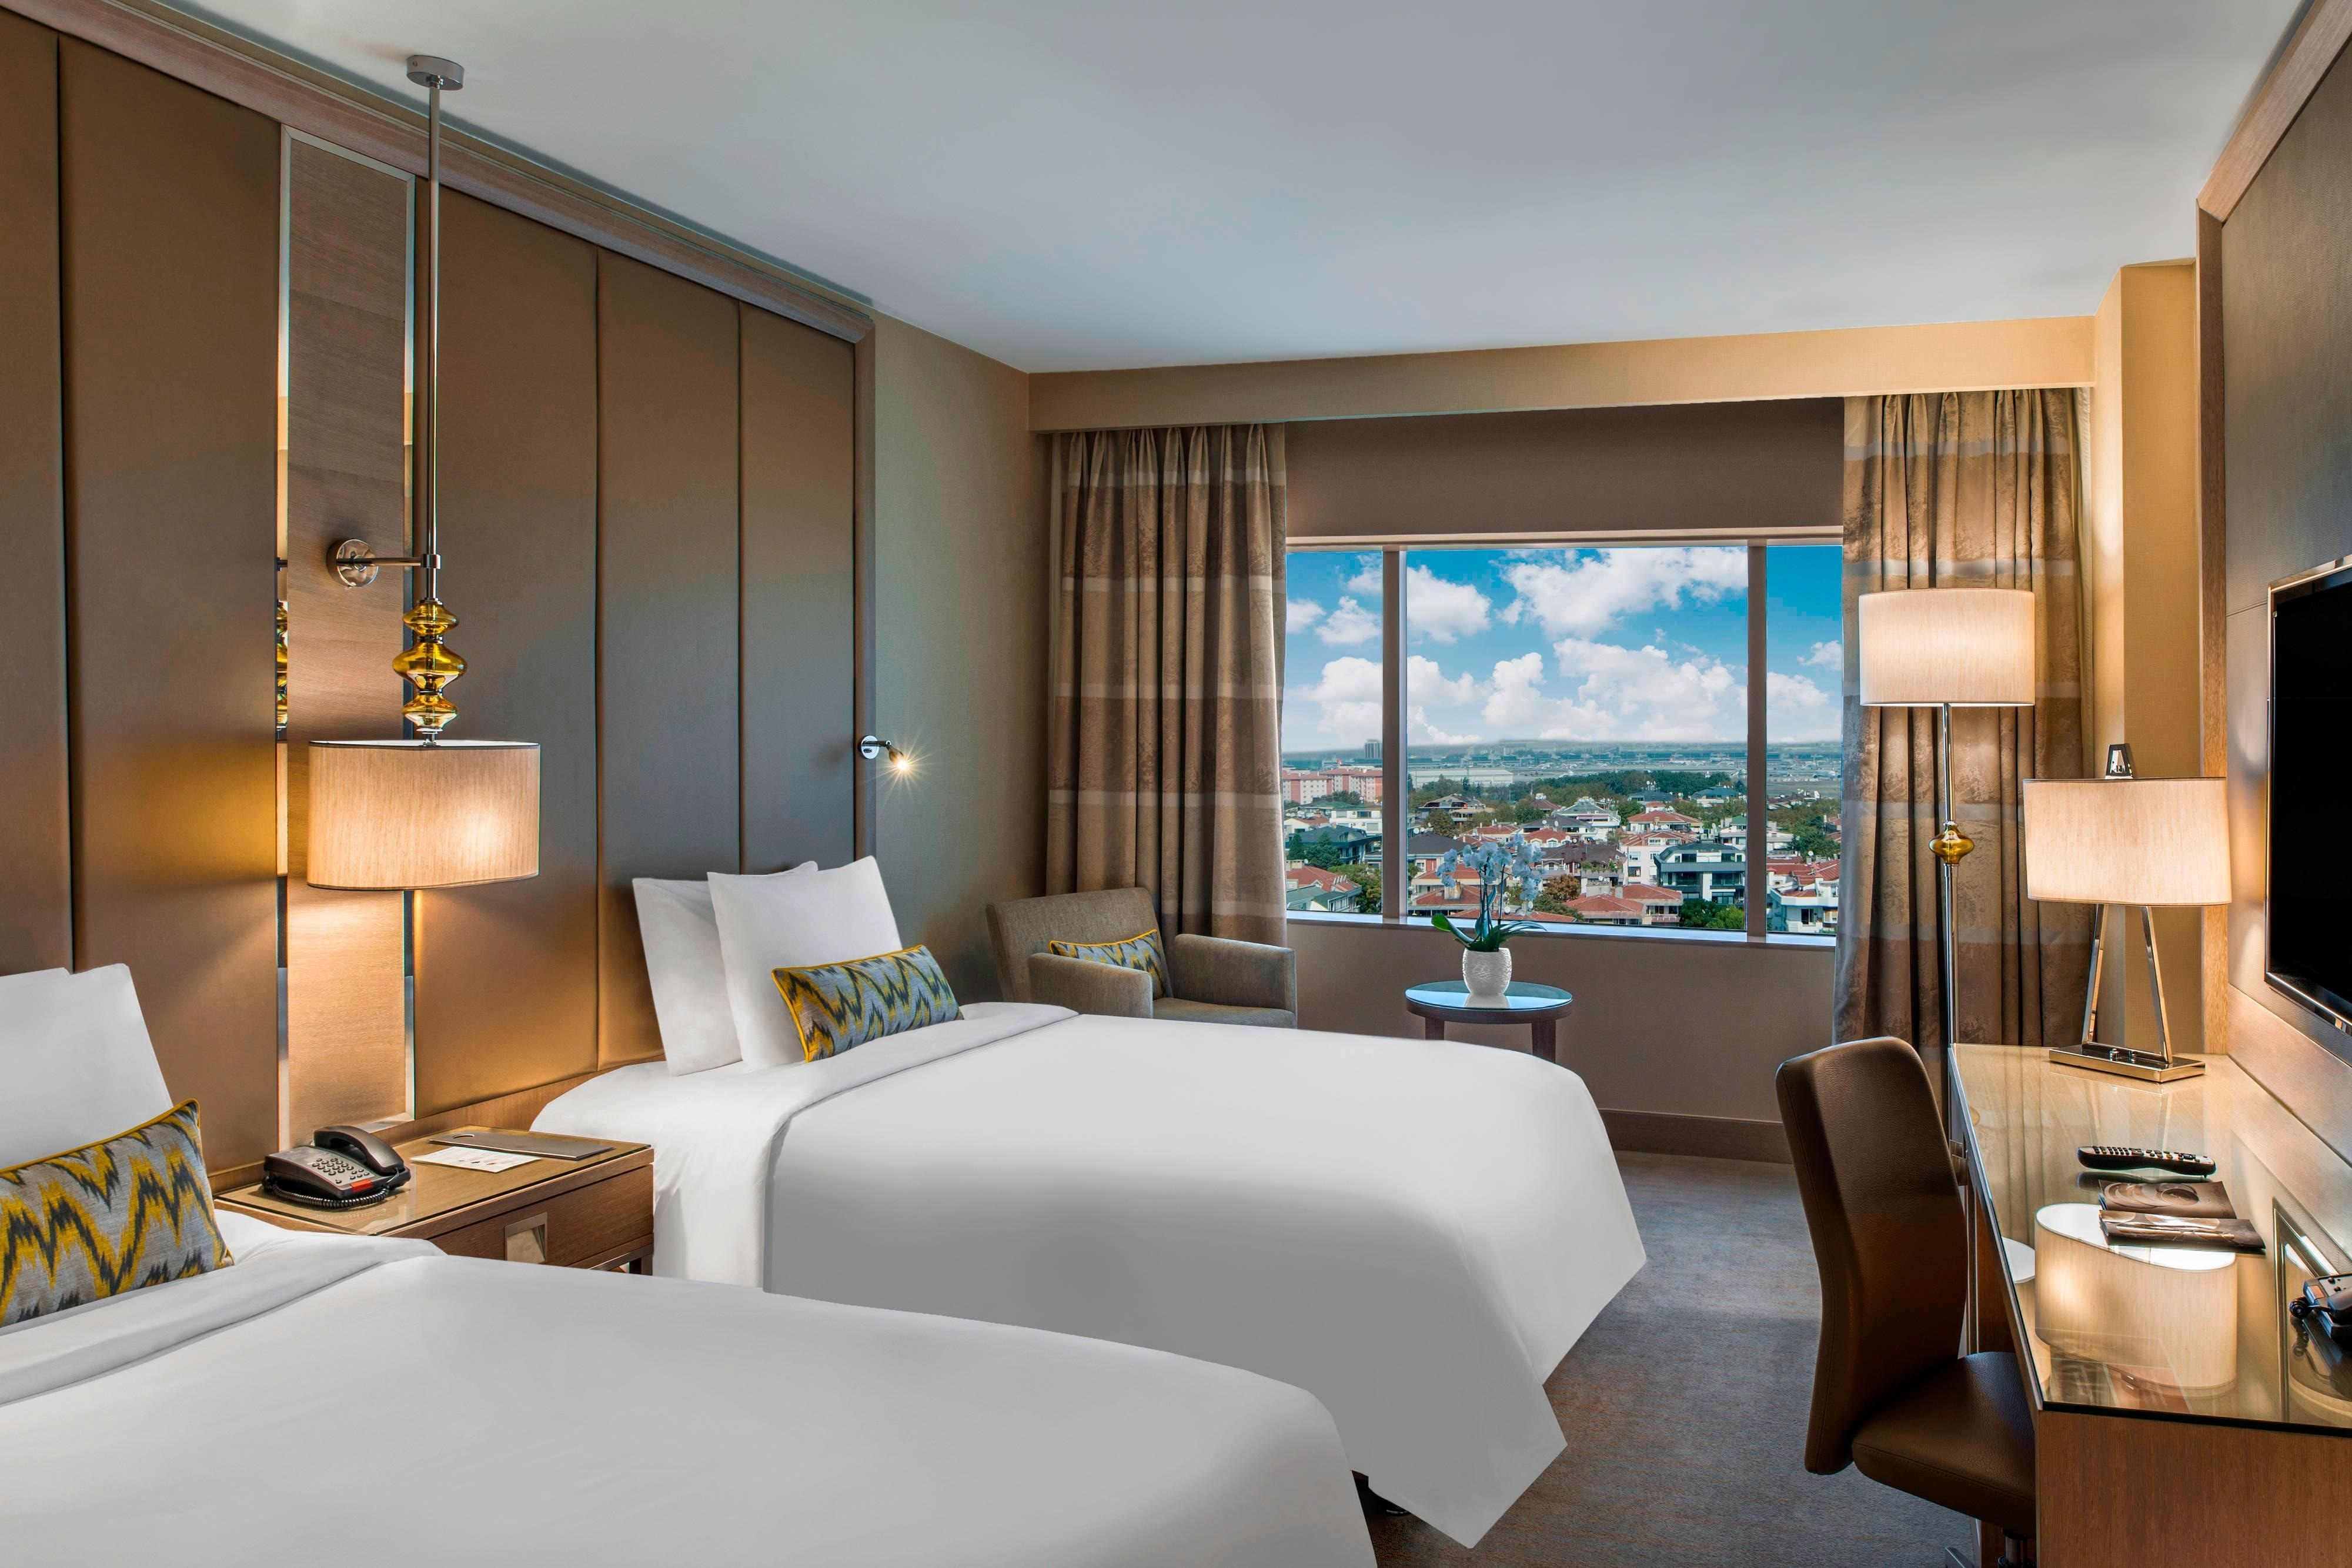 Chambre haut de gamme avec lit simple-vue sur la ville